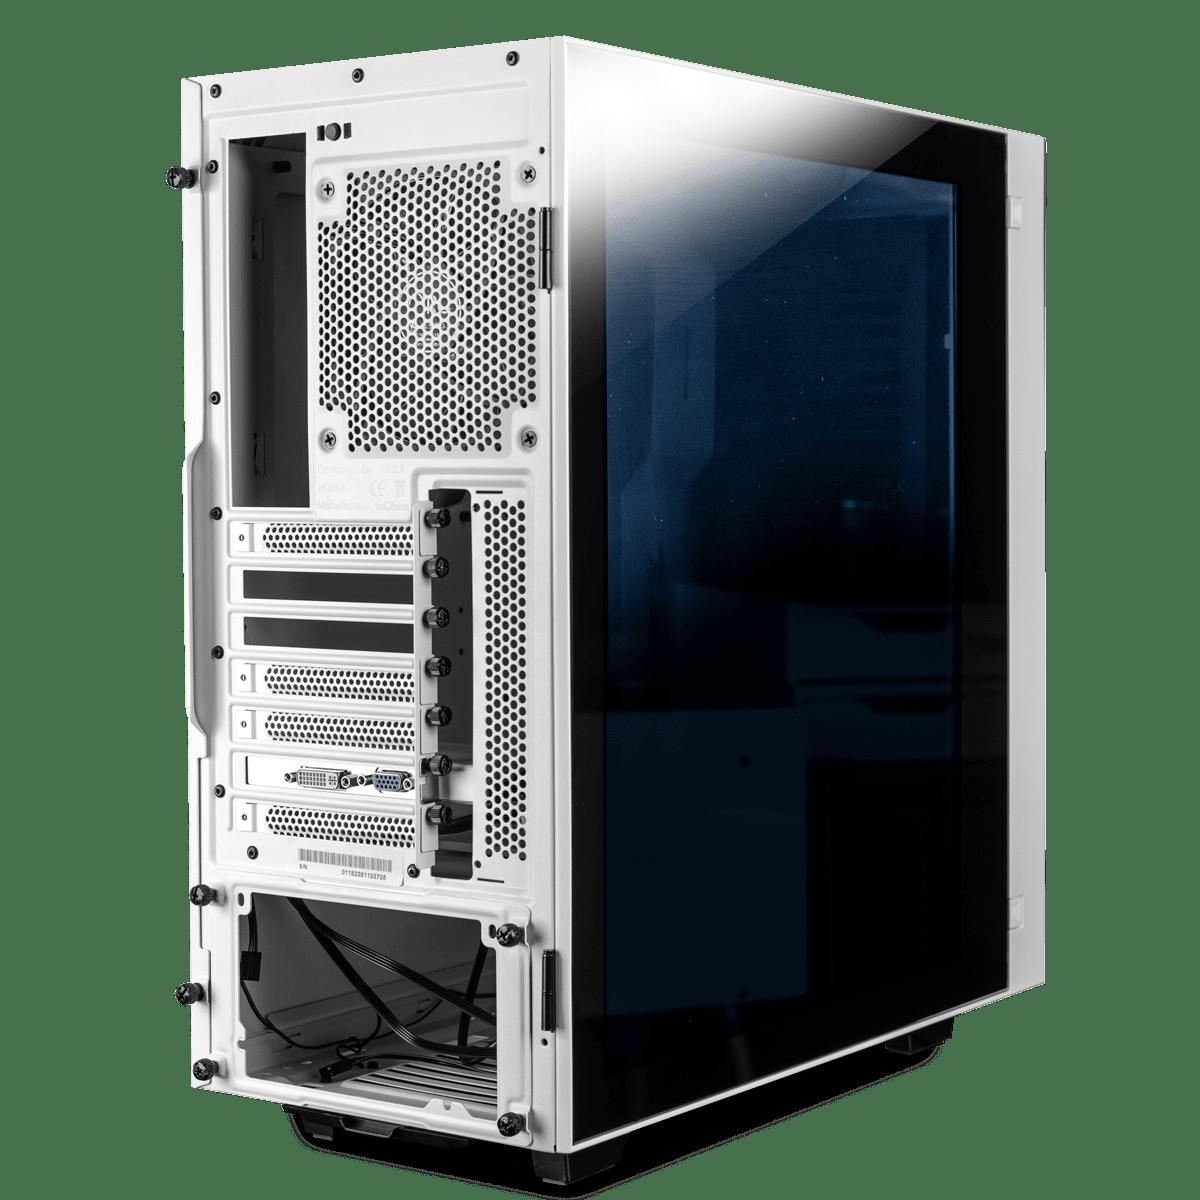 06-snowblind-element-case-backcomp-1200